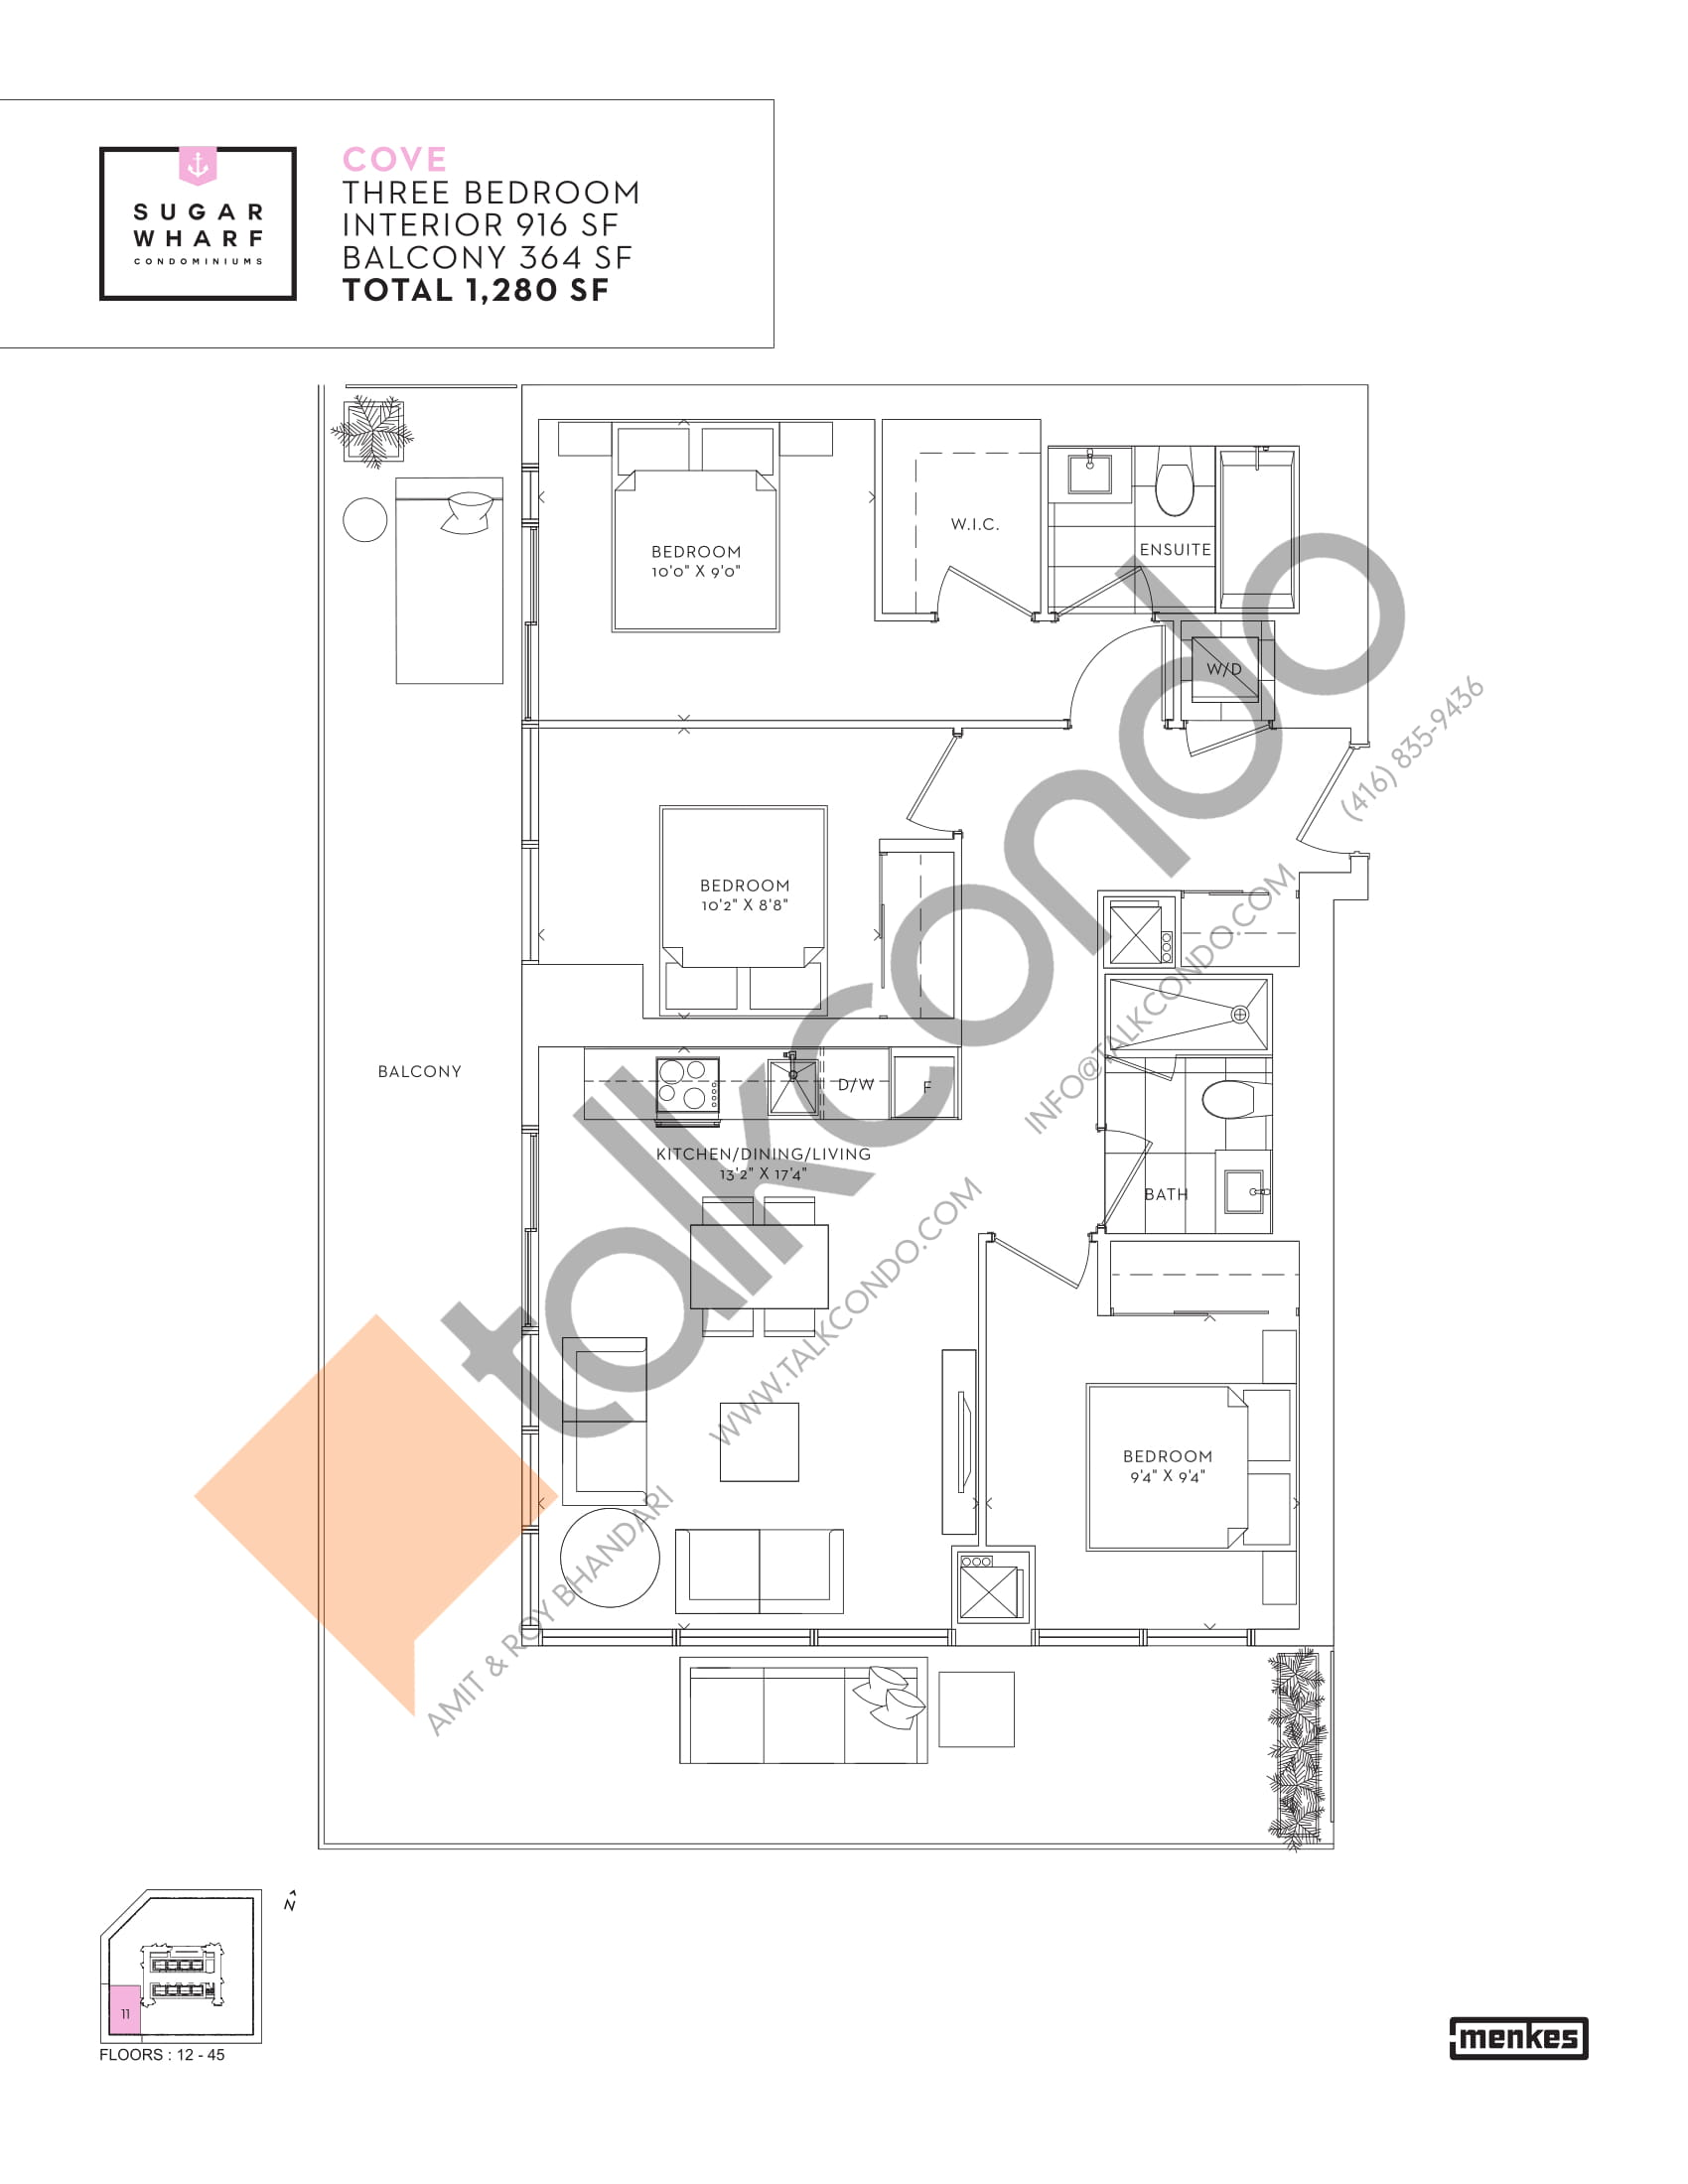 Cove Floor Plan at Sugar Wharf Condos East Tower - 916 sq.ft